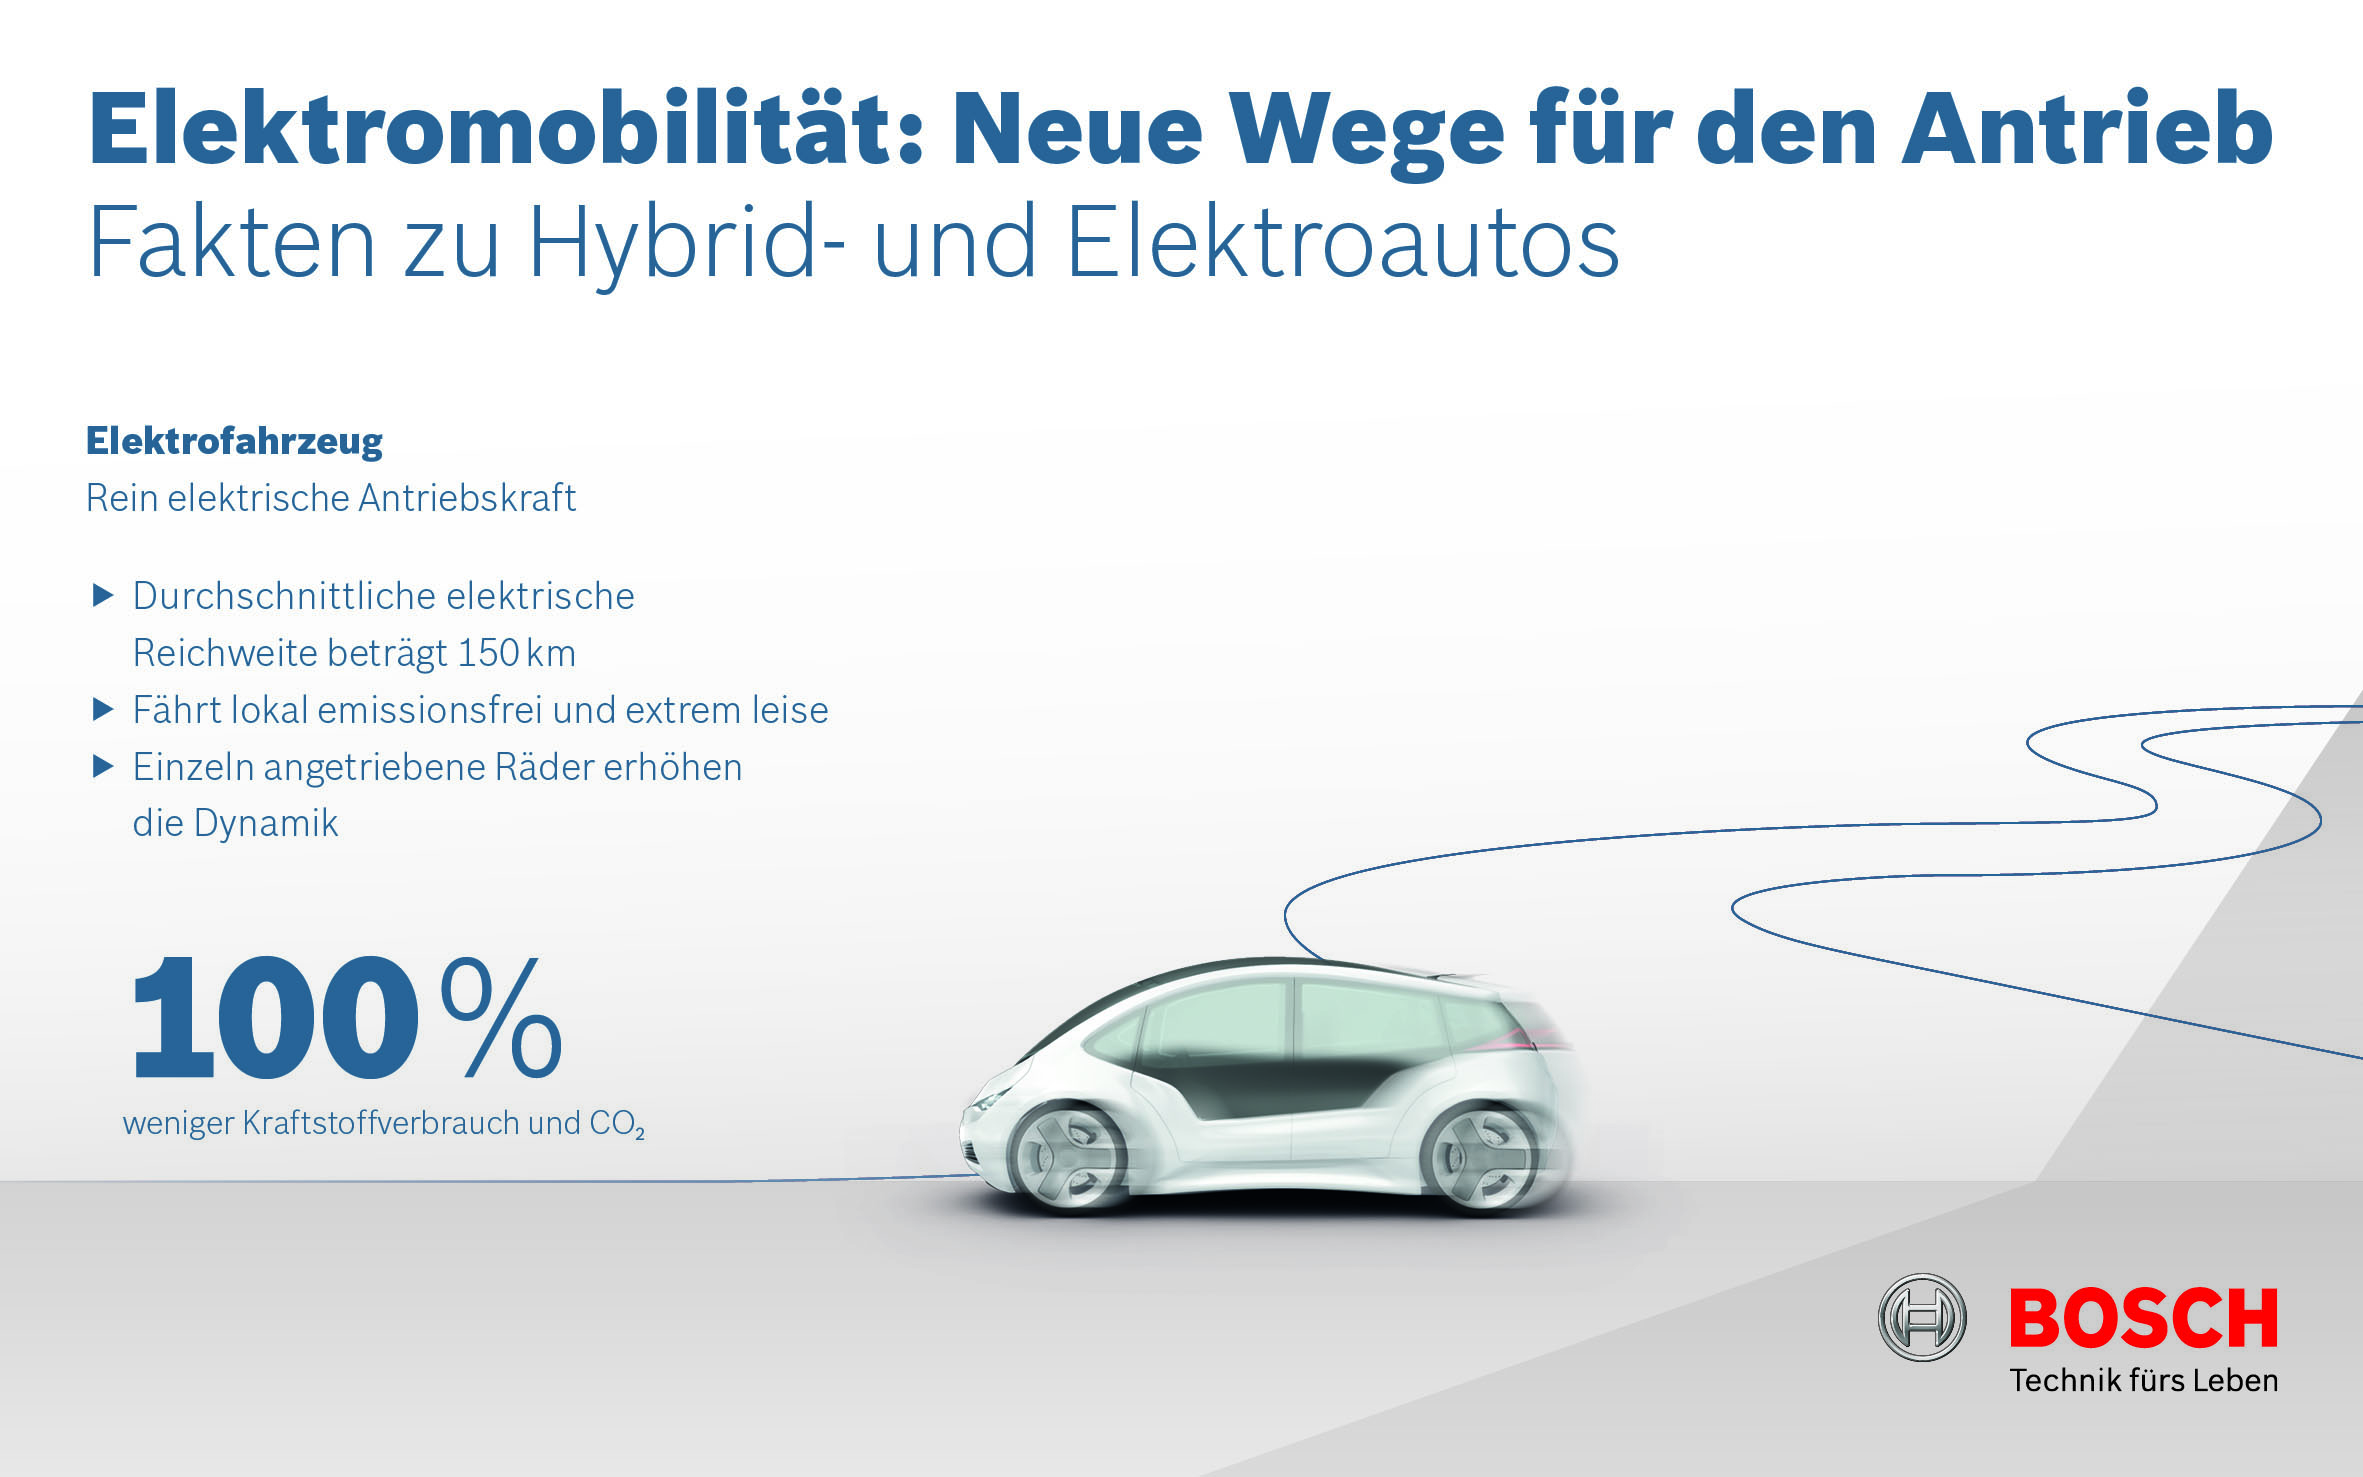 Charmant Elektrofahrzeug Schaltplan Zeitgenössisch - Elektrische ...